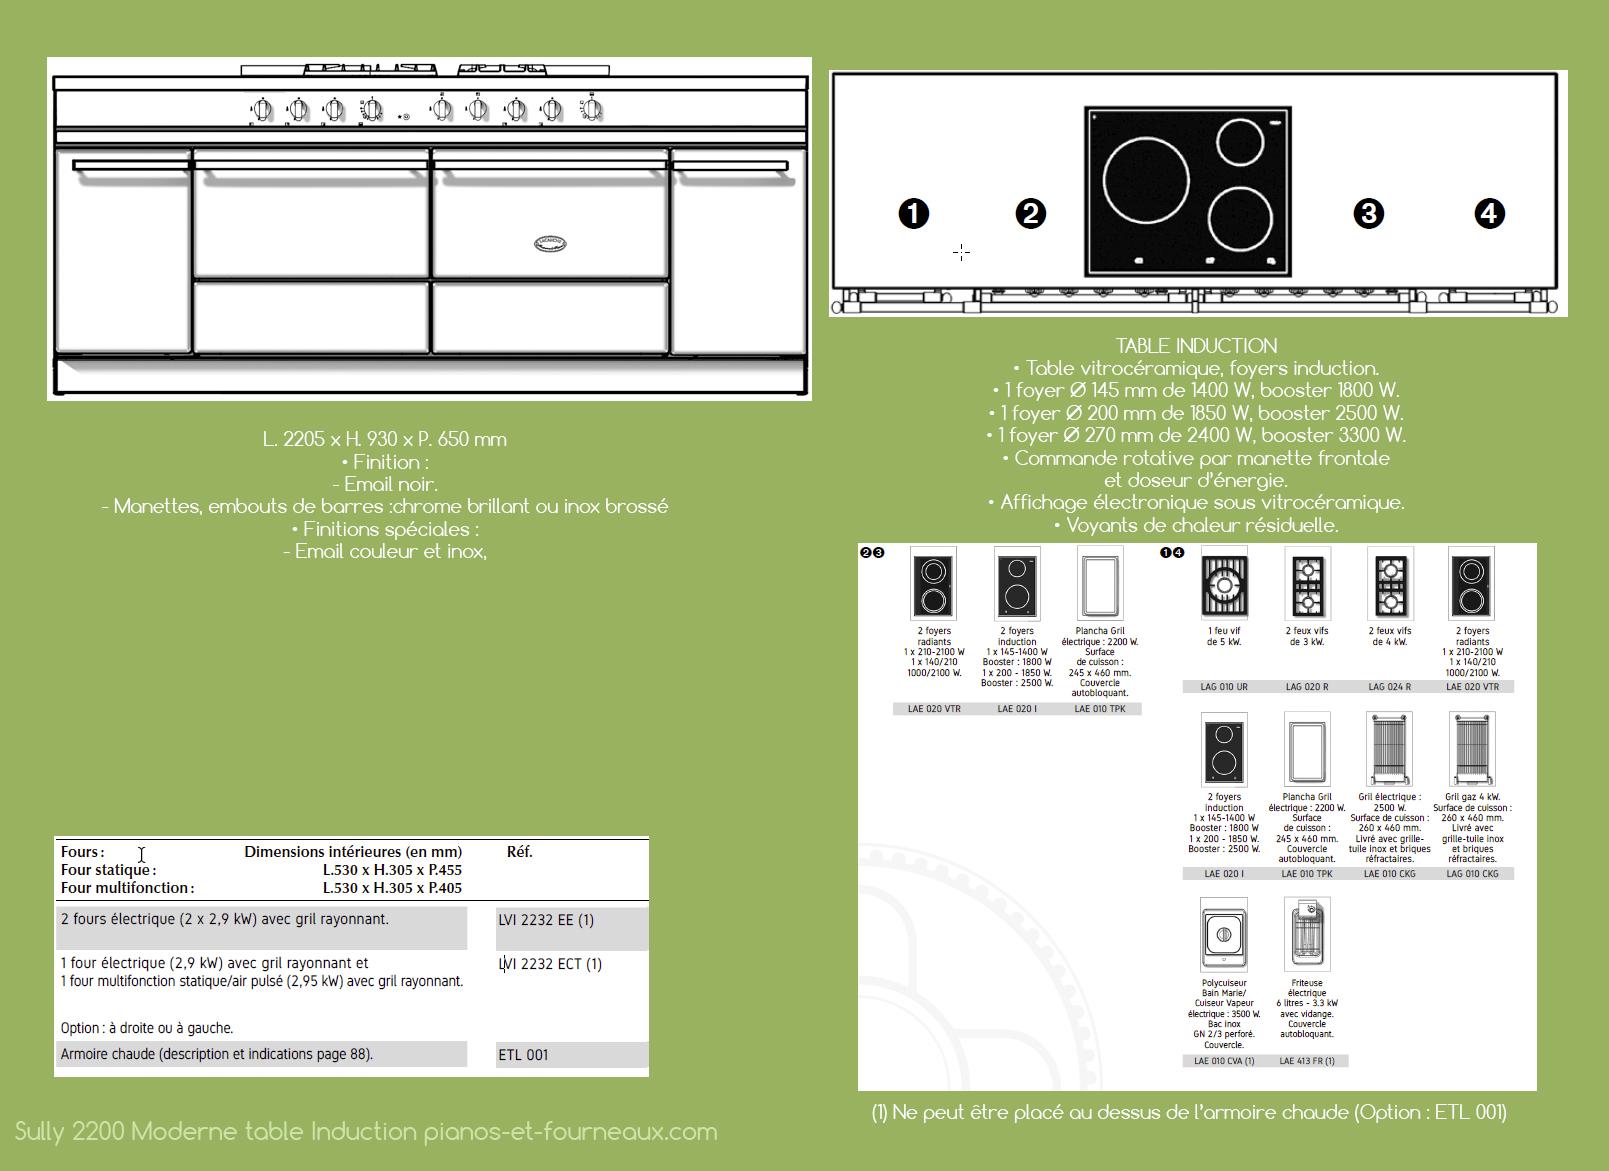 Sully 2200 Moderne table Induction configurations possibles - pianos-et-fourneaux.com le spécialiste des pianos de cuisine et fourneaux de cuisson Lacanche